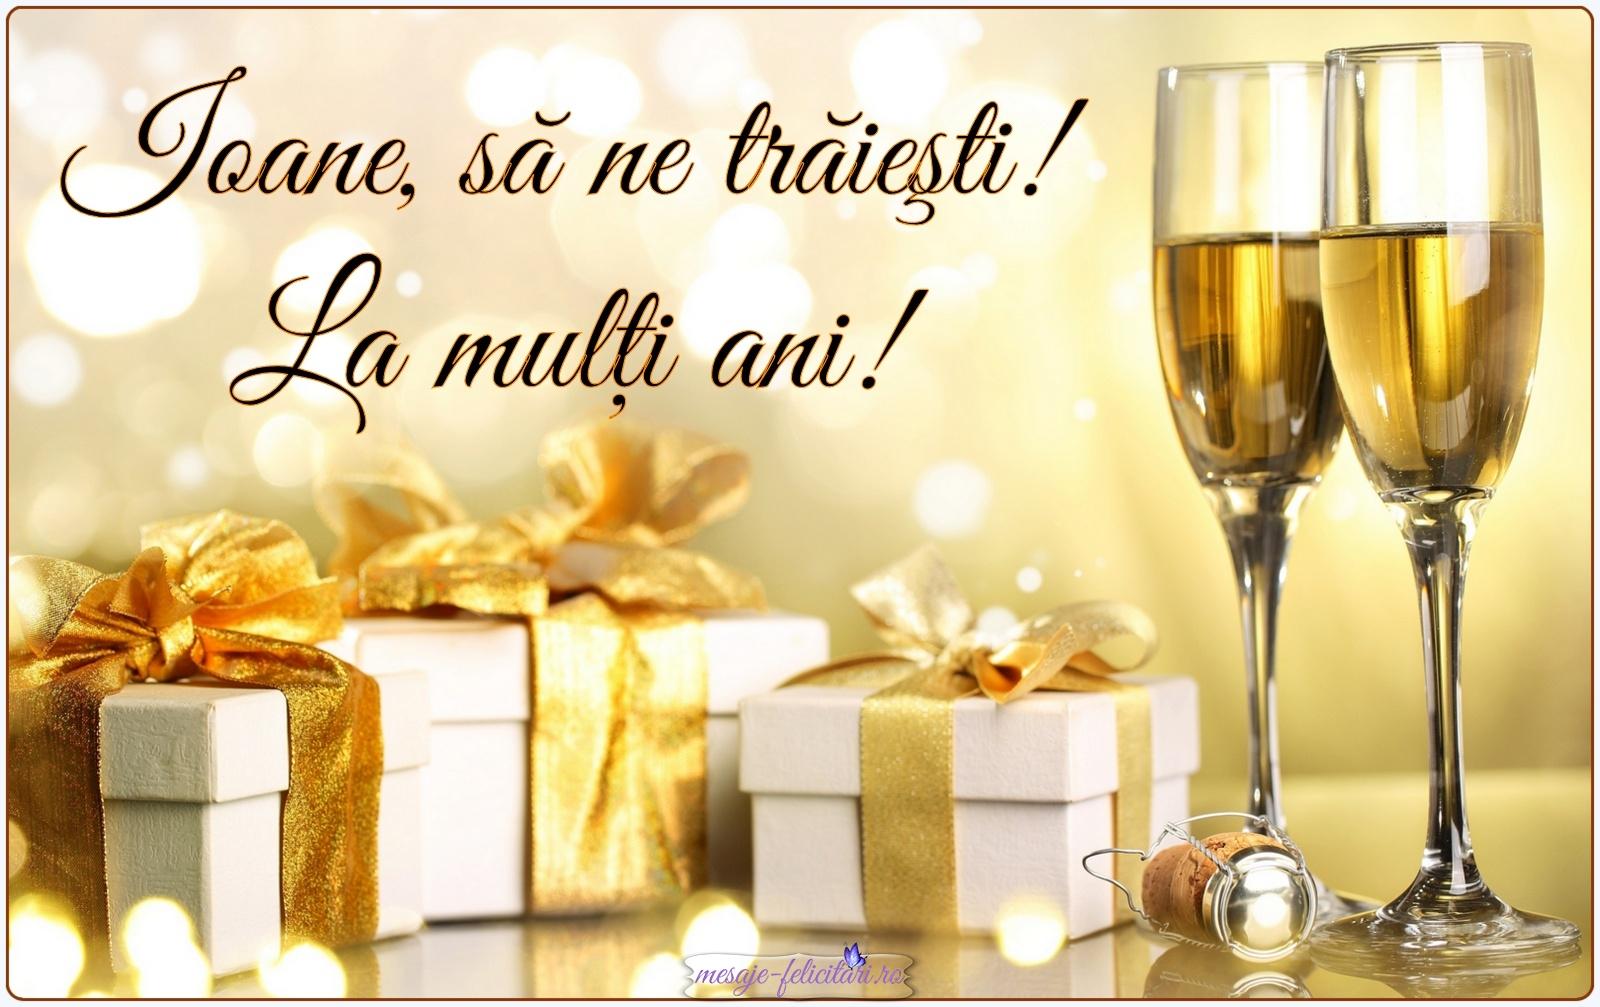 Felicitare pe care scrie La mulți ani de Sfântul Ioan.